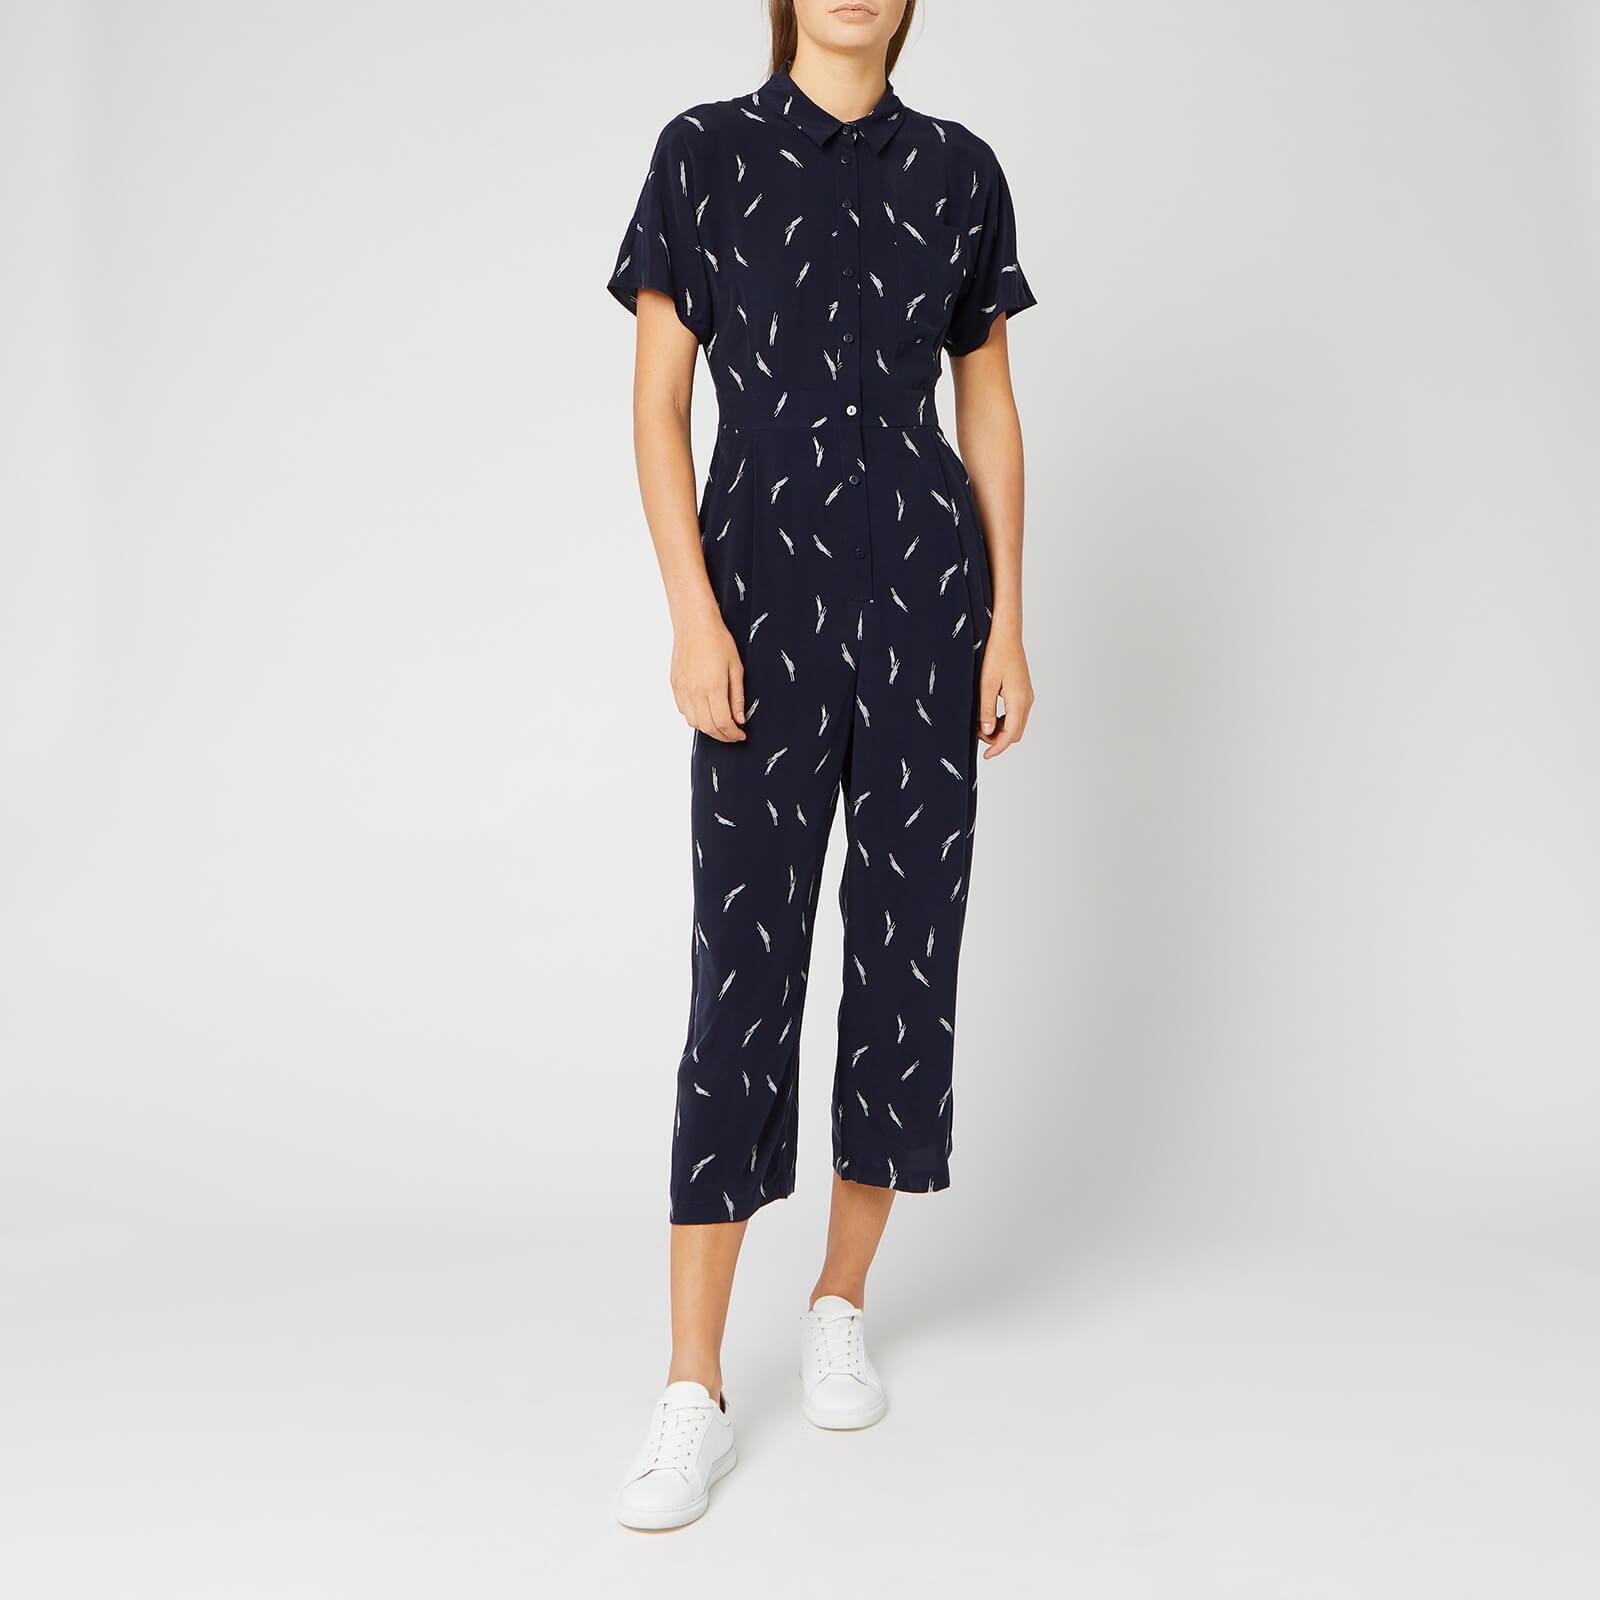 Whistles Women's Brushstroke Print Jumpsuit - Navy/Multi - UK 8 - Blue